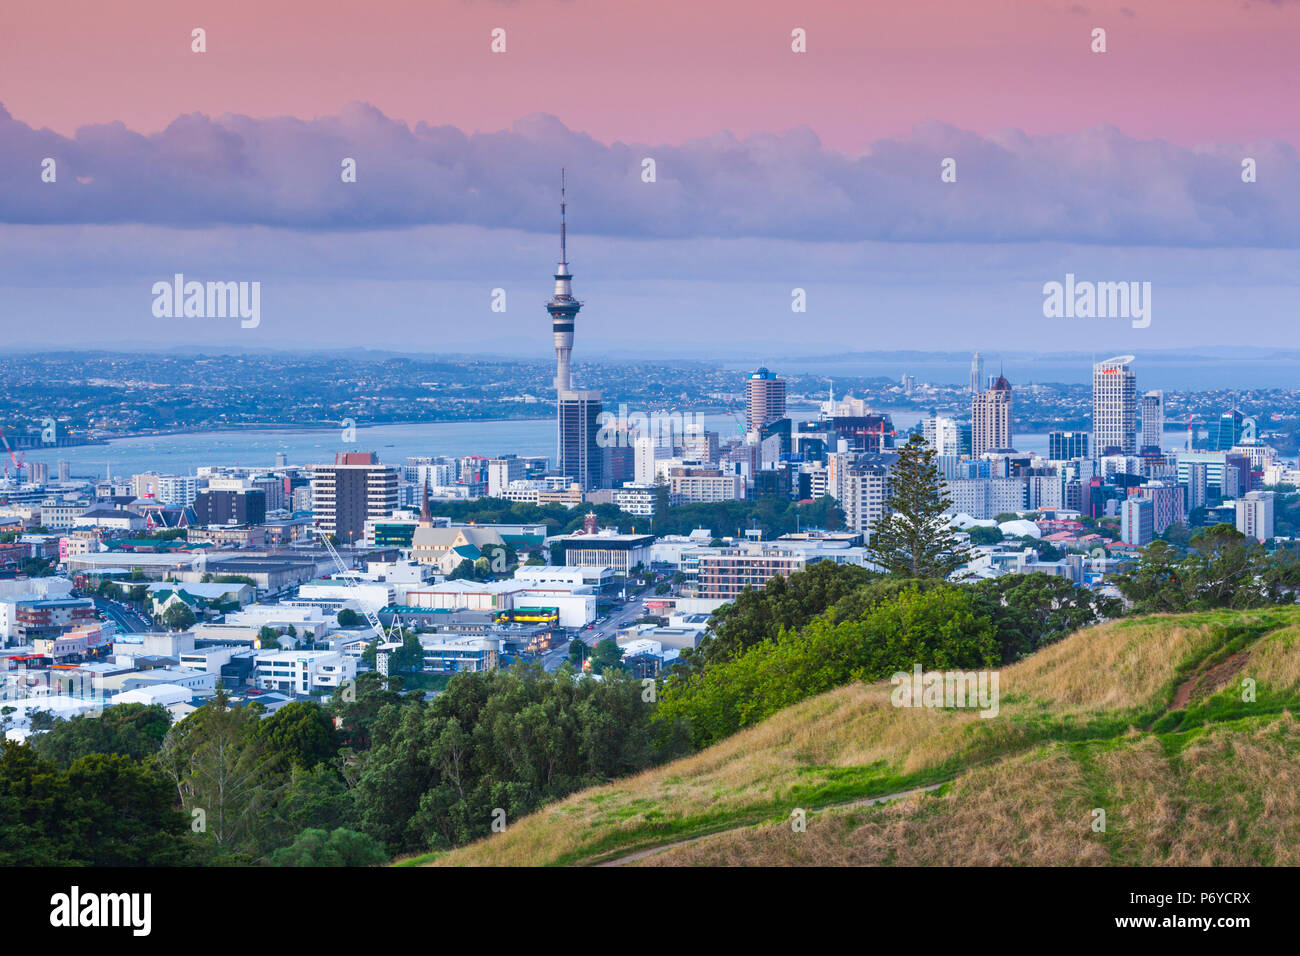 Nueva Zelanda, Isla del Norte, Auckland, elevado horizonte desde Mt. Eden cono del volcán, el anochecer Imagen De Stock